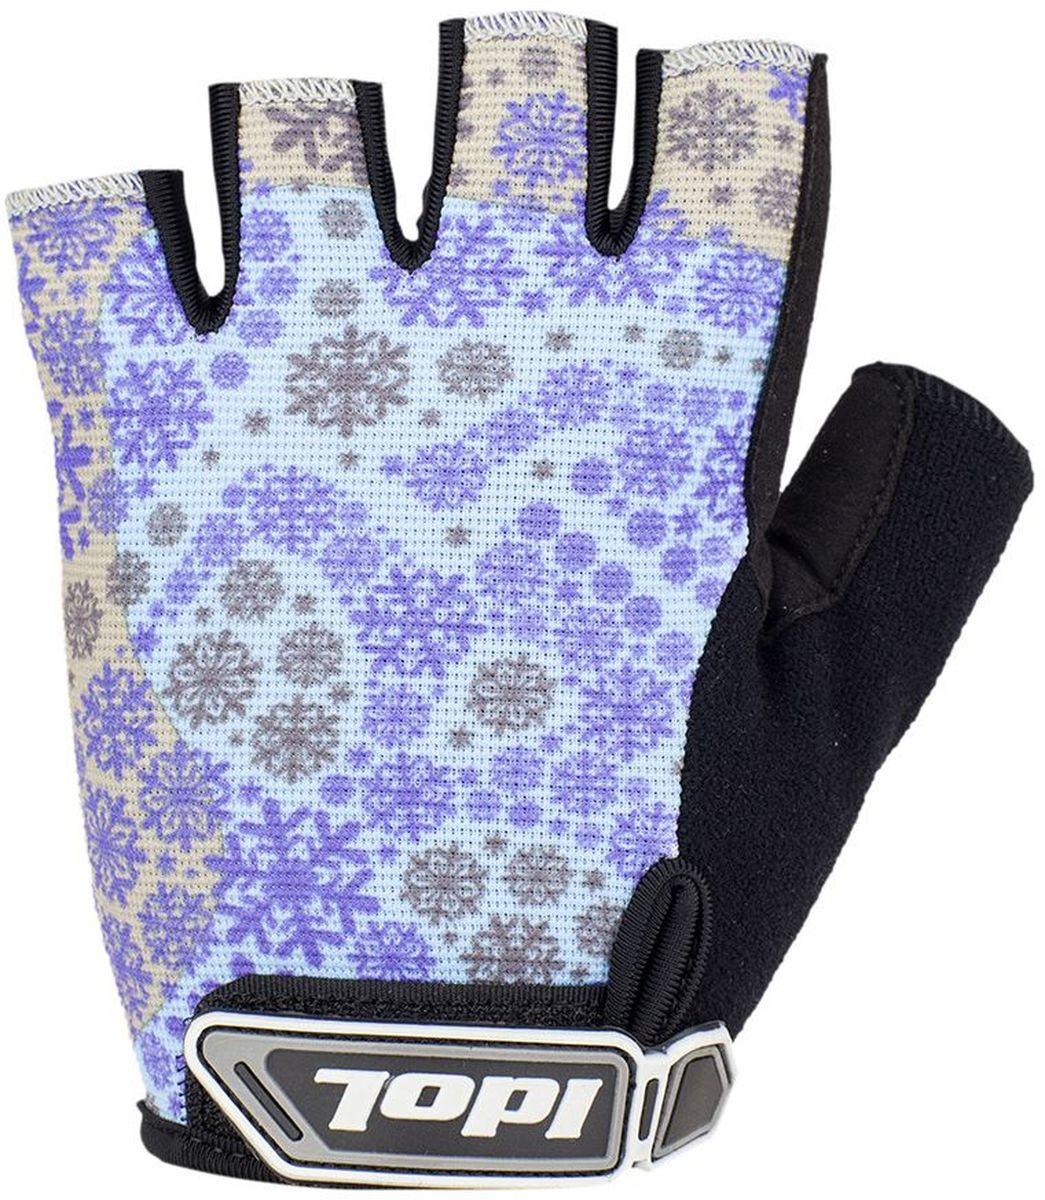 Перчатки велосипедные женские Idol Arosa. Размер L2931Велосипедные перчатки с открытыми пальцами Idol AROSA предназначены для велоспорта, велотуризма, велосипедных прогулок. Верх выполнен из высококачественного материала 4-way stretch, который отличается повышенной воздухопроницаемостью. Ладонь изготовлена из синтетической кожи Amara. Большой палец перчатки отделан влагоотводящим материалом. На запястьях перчатки фиксируются прочными липучками. Для удобства снятия каждая перчатка оснащена двумя небольшими петельками.Высокое качество, технически совершенные материалы, оригинальный стильный дизайн, функциональность и долговечность выделяют велоперчатки Idol среди прочих.